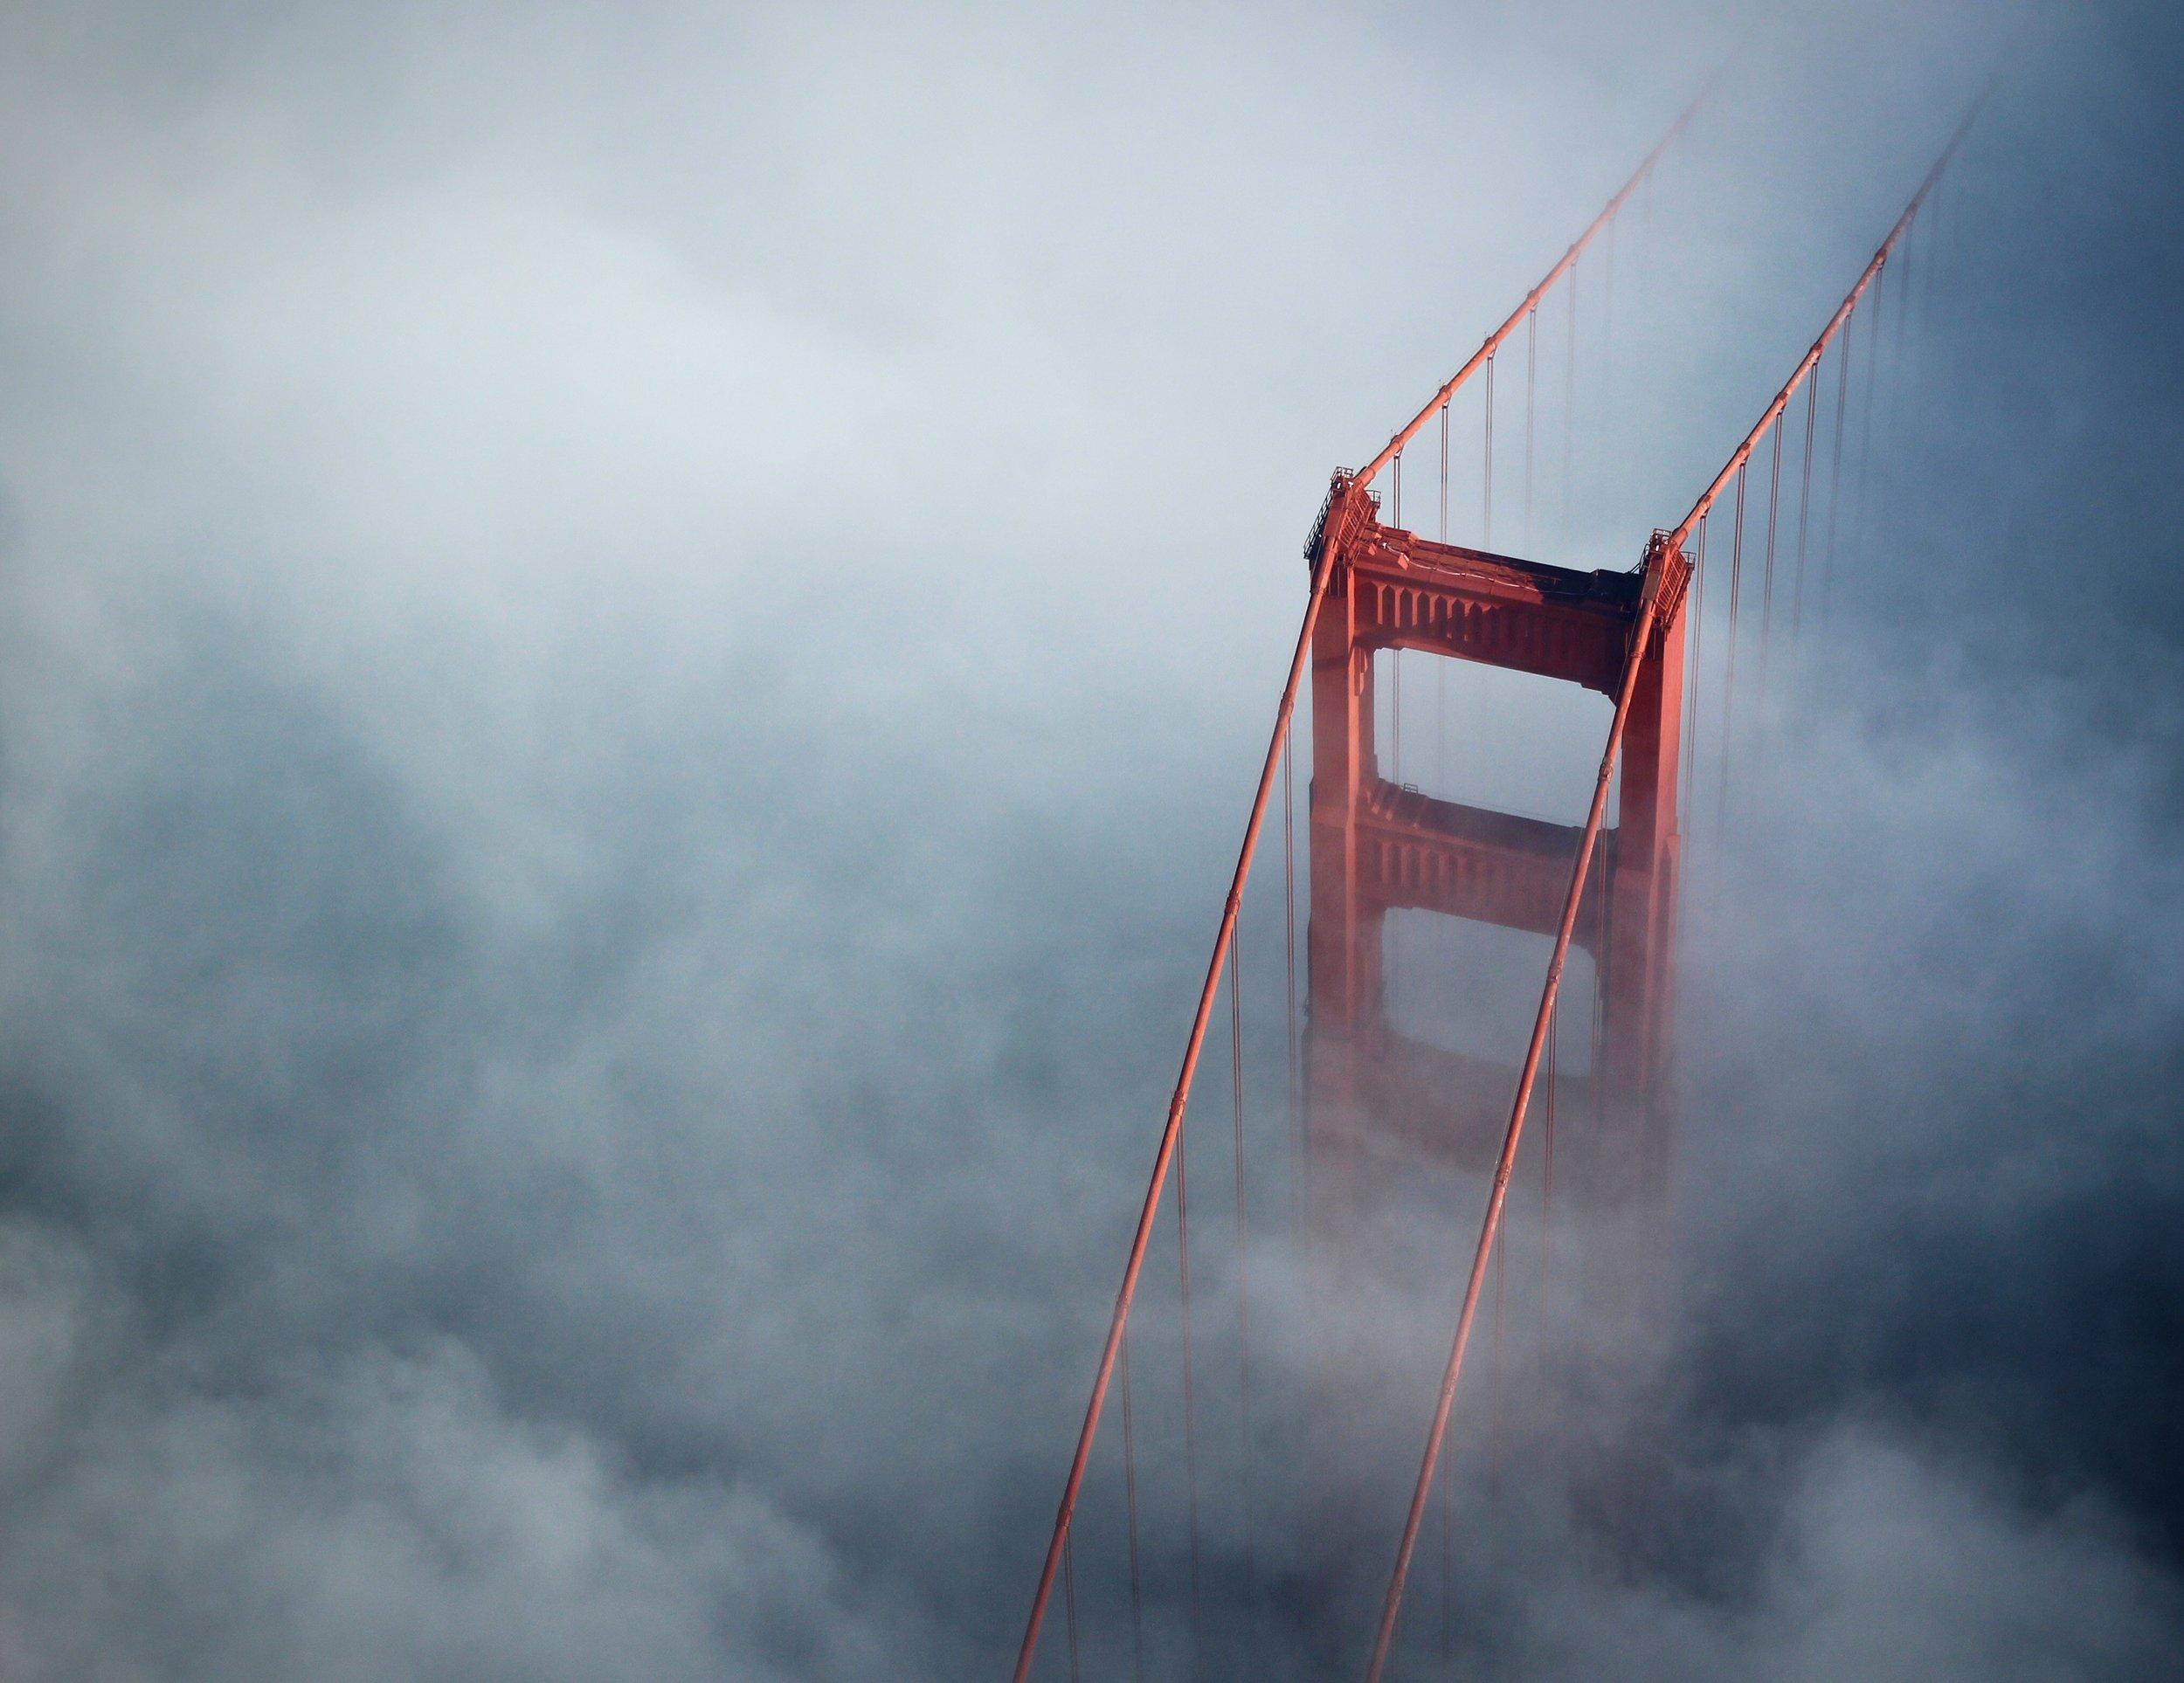 San Francisco, California -